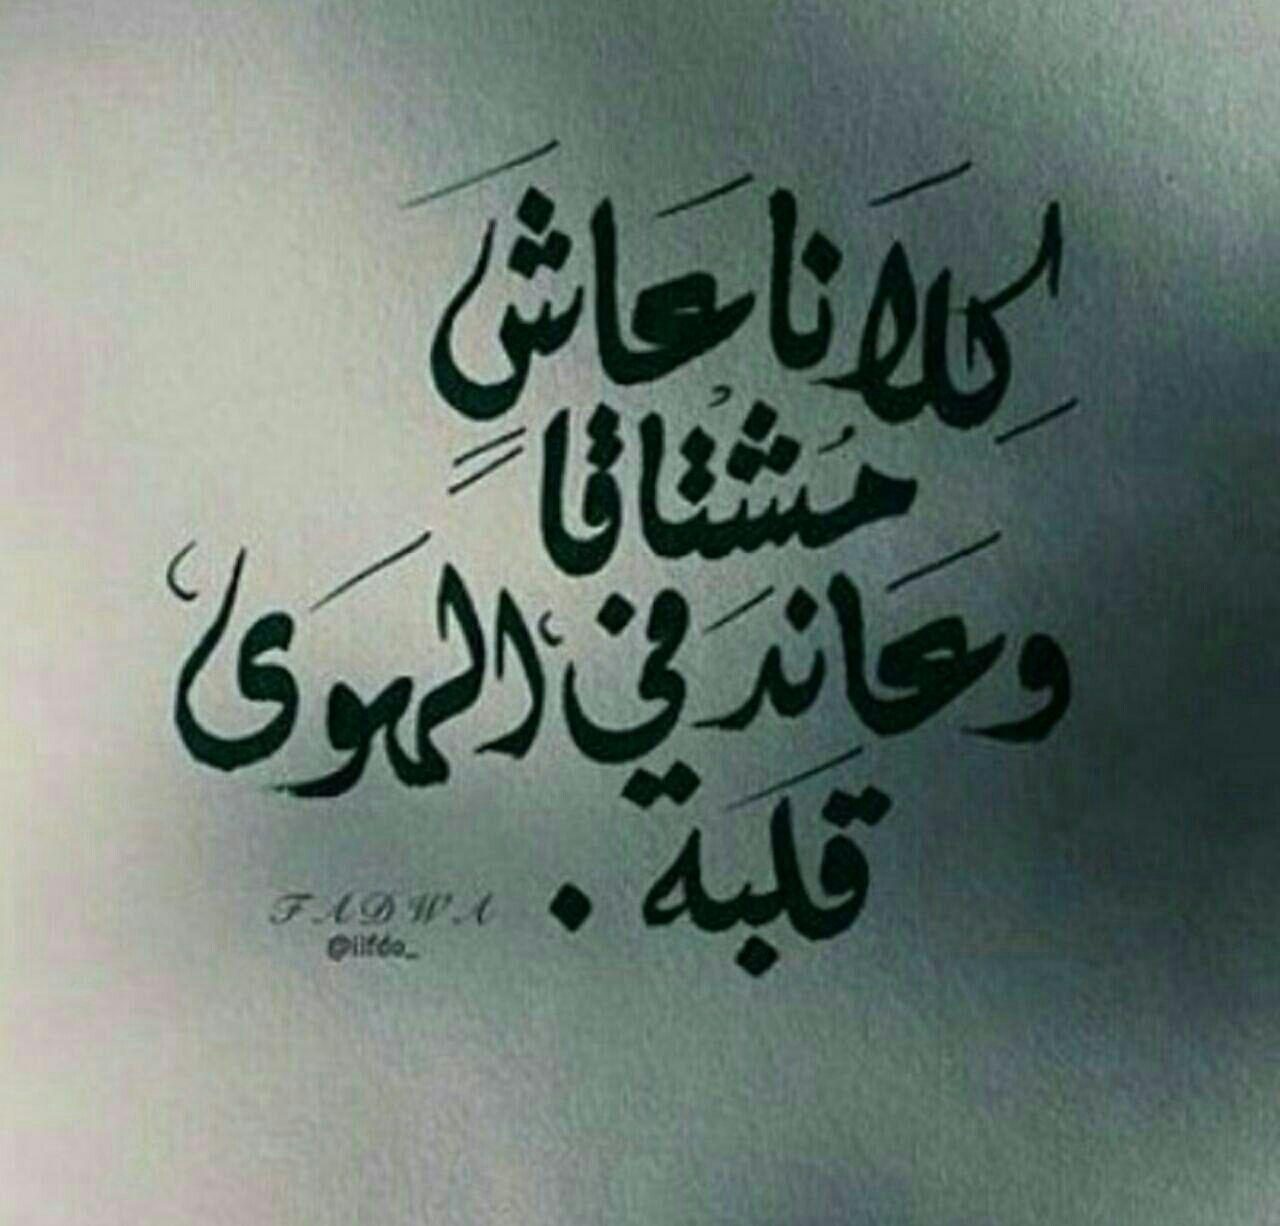 صورة كلام عن الحياة حزين , ماساه الحياه